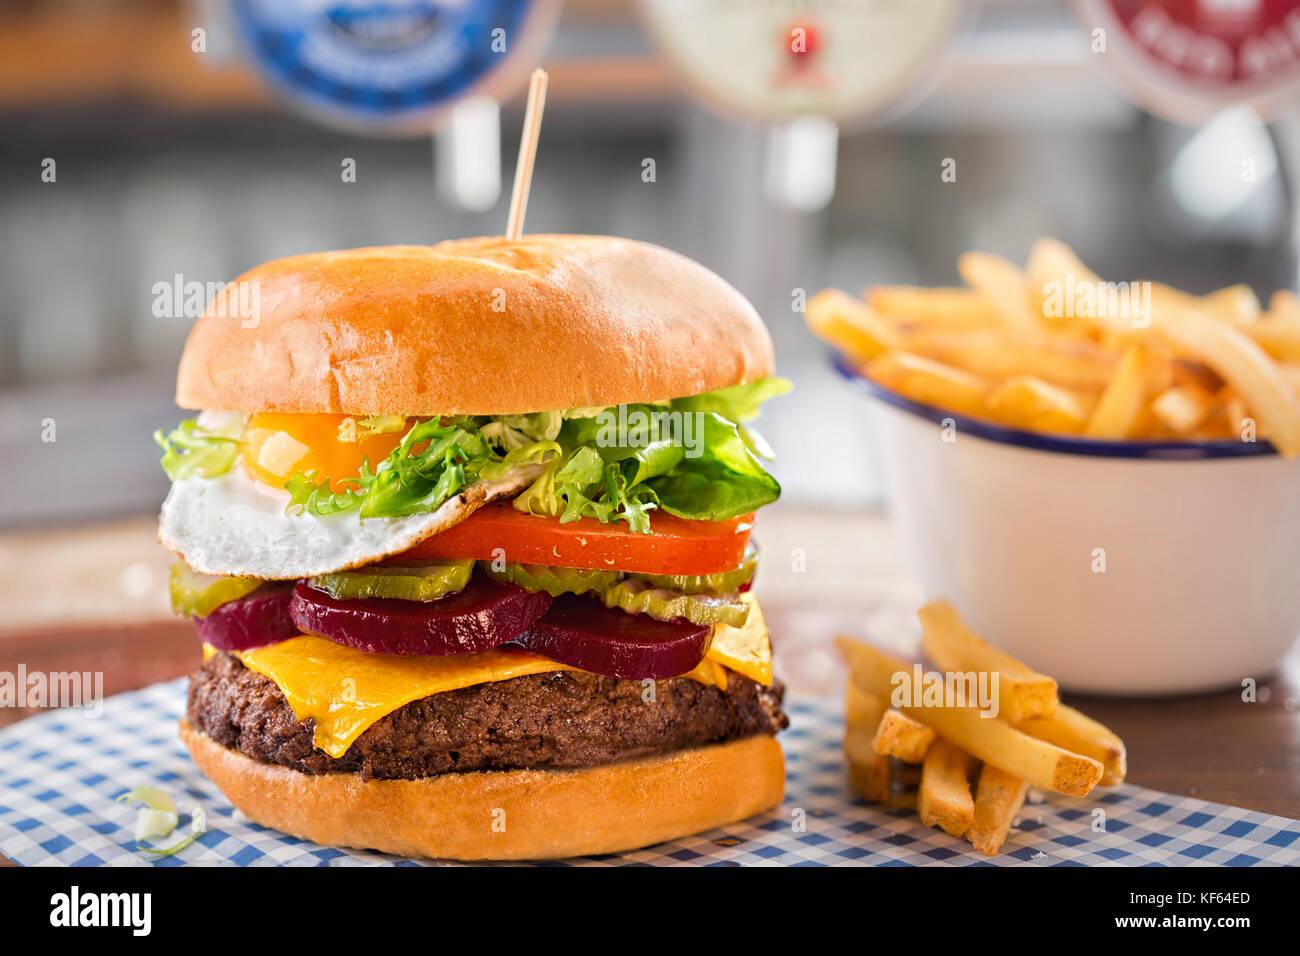 Hamburger di manzo con formaggio, lattuga, pomodoro, barbabietole e sottaceti, guarnita con un uovo fritto Immagini Stock